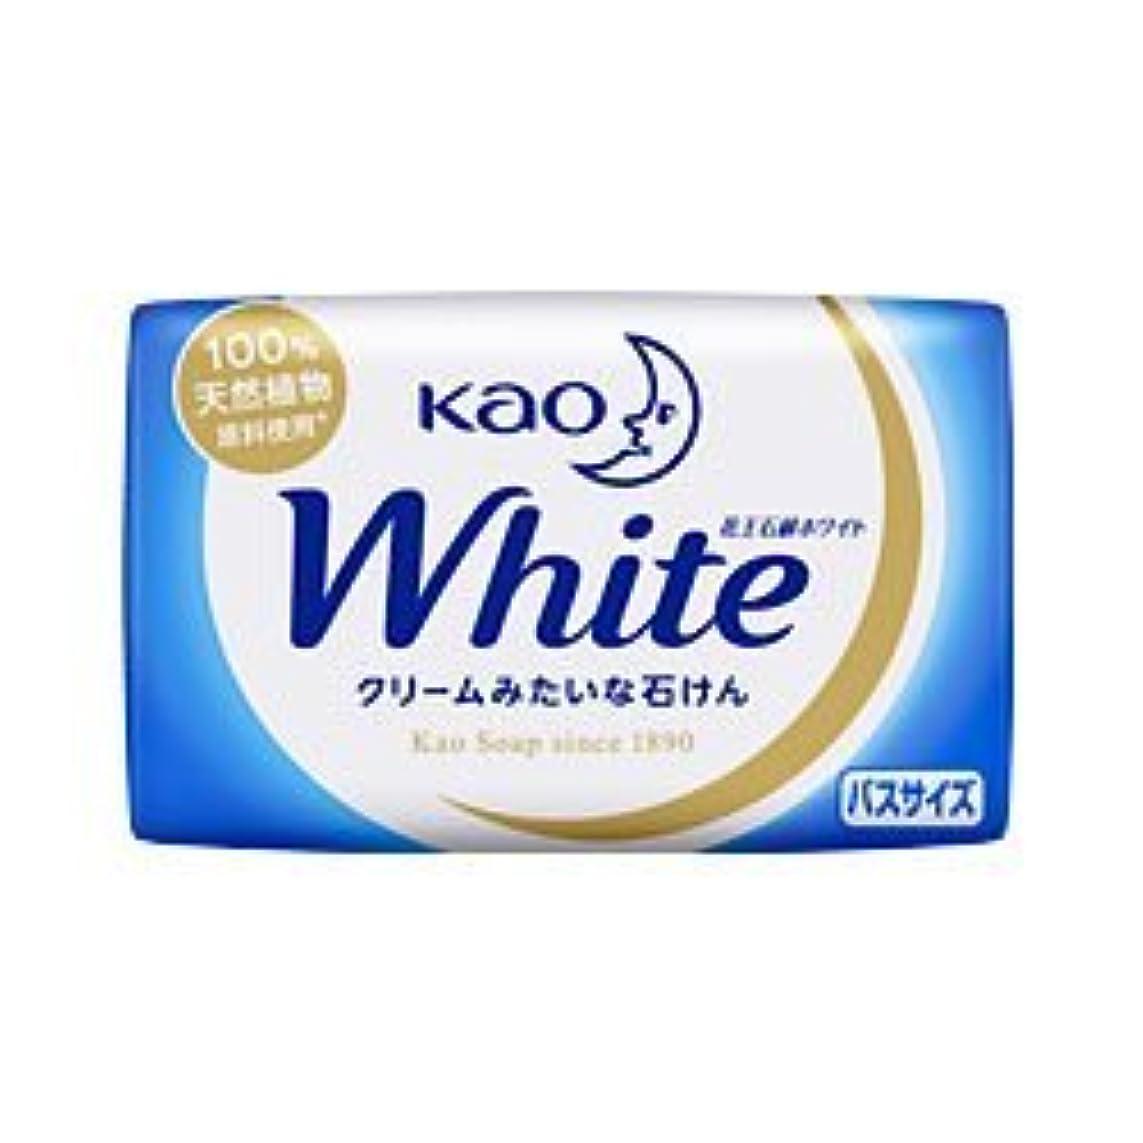 敬排泄物クリープ【花王】花王ホワイト バスサイズ 1個 130g ×10個セット